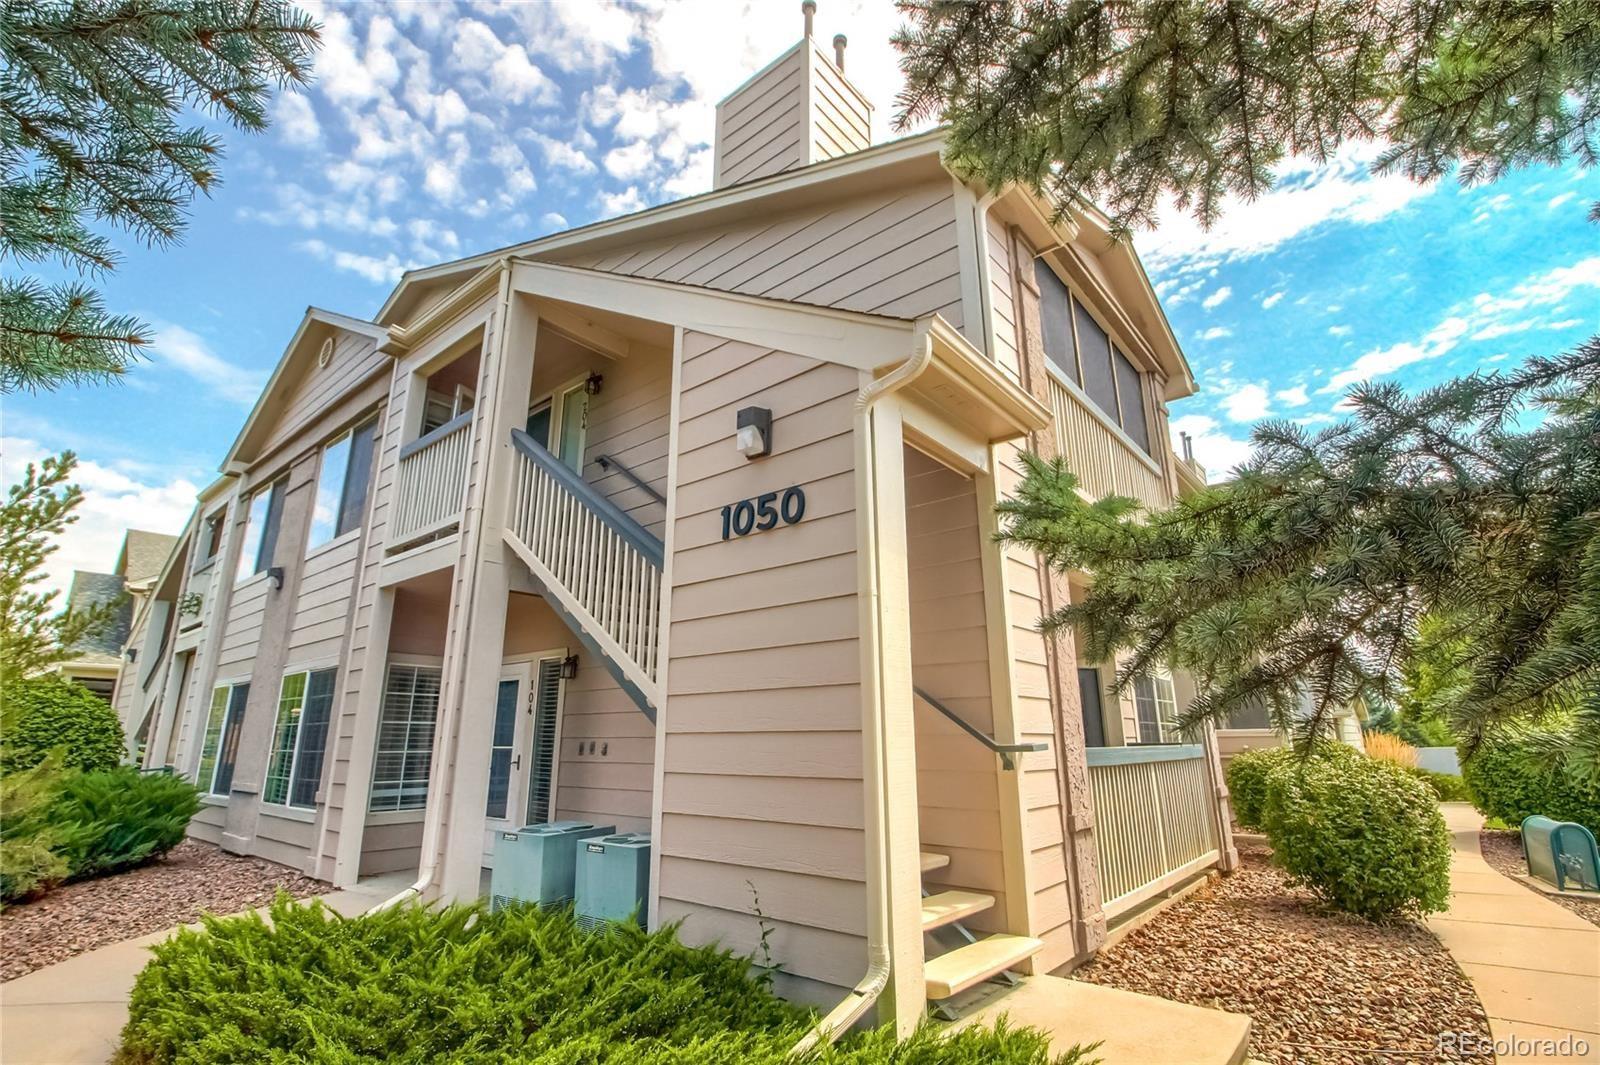 MLS# 2117268 - 5 - 1050 Opal Street #104, Broomfield, CO 80020